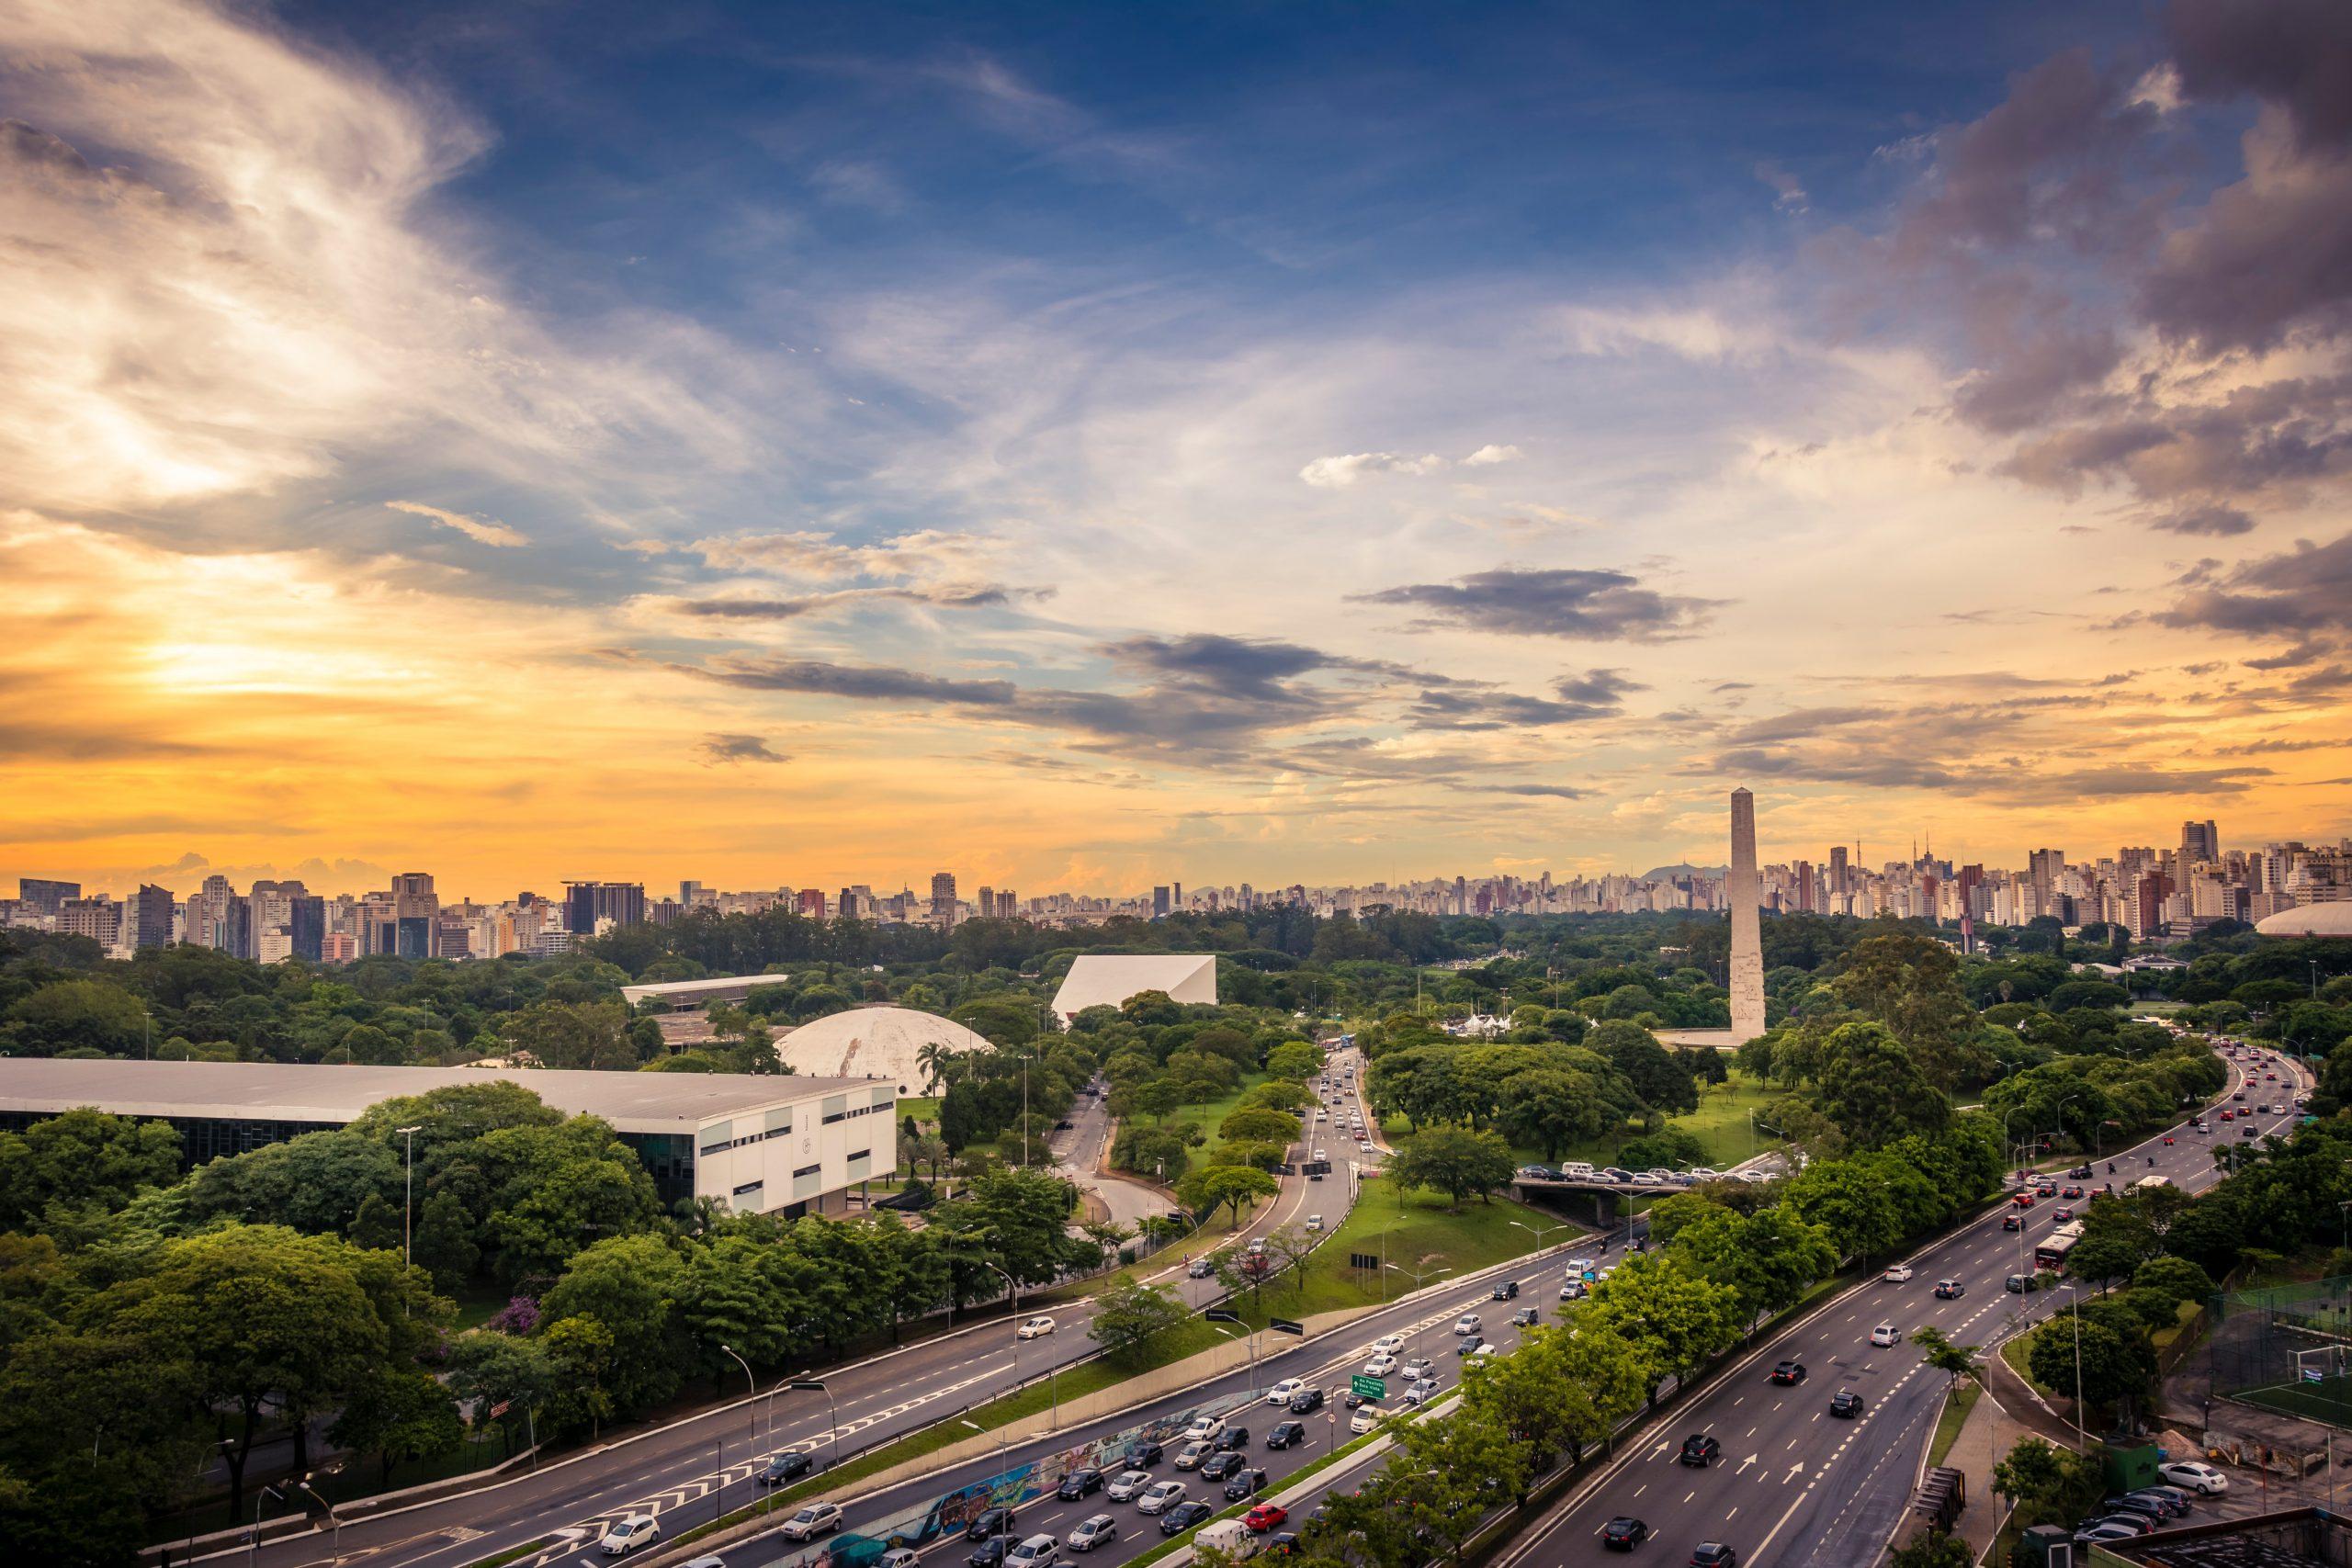 Por que o Parque Ibirapuera está tão distante de ser como o Central Park?